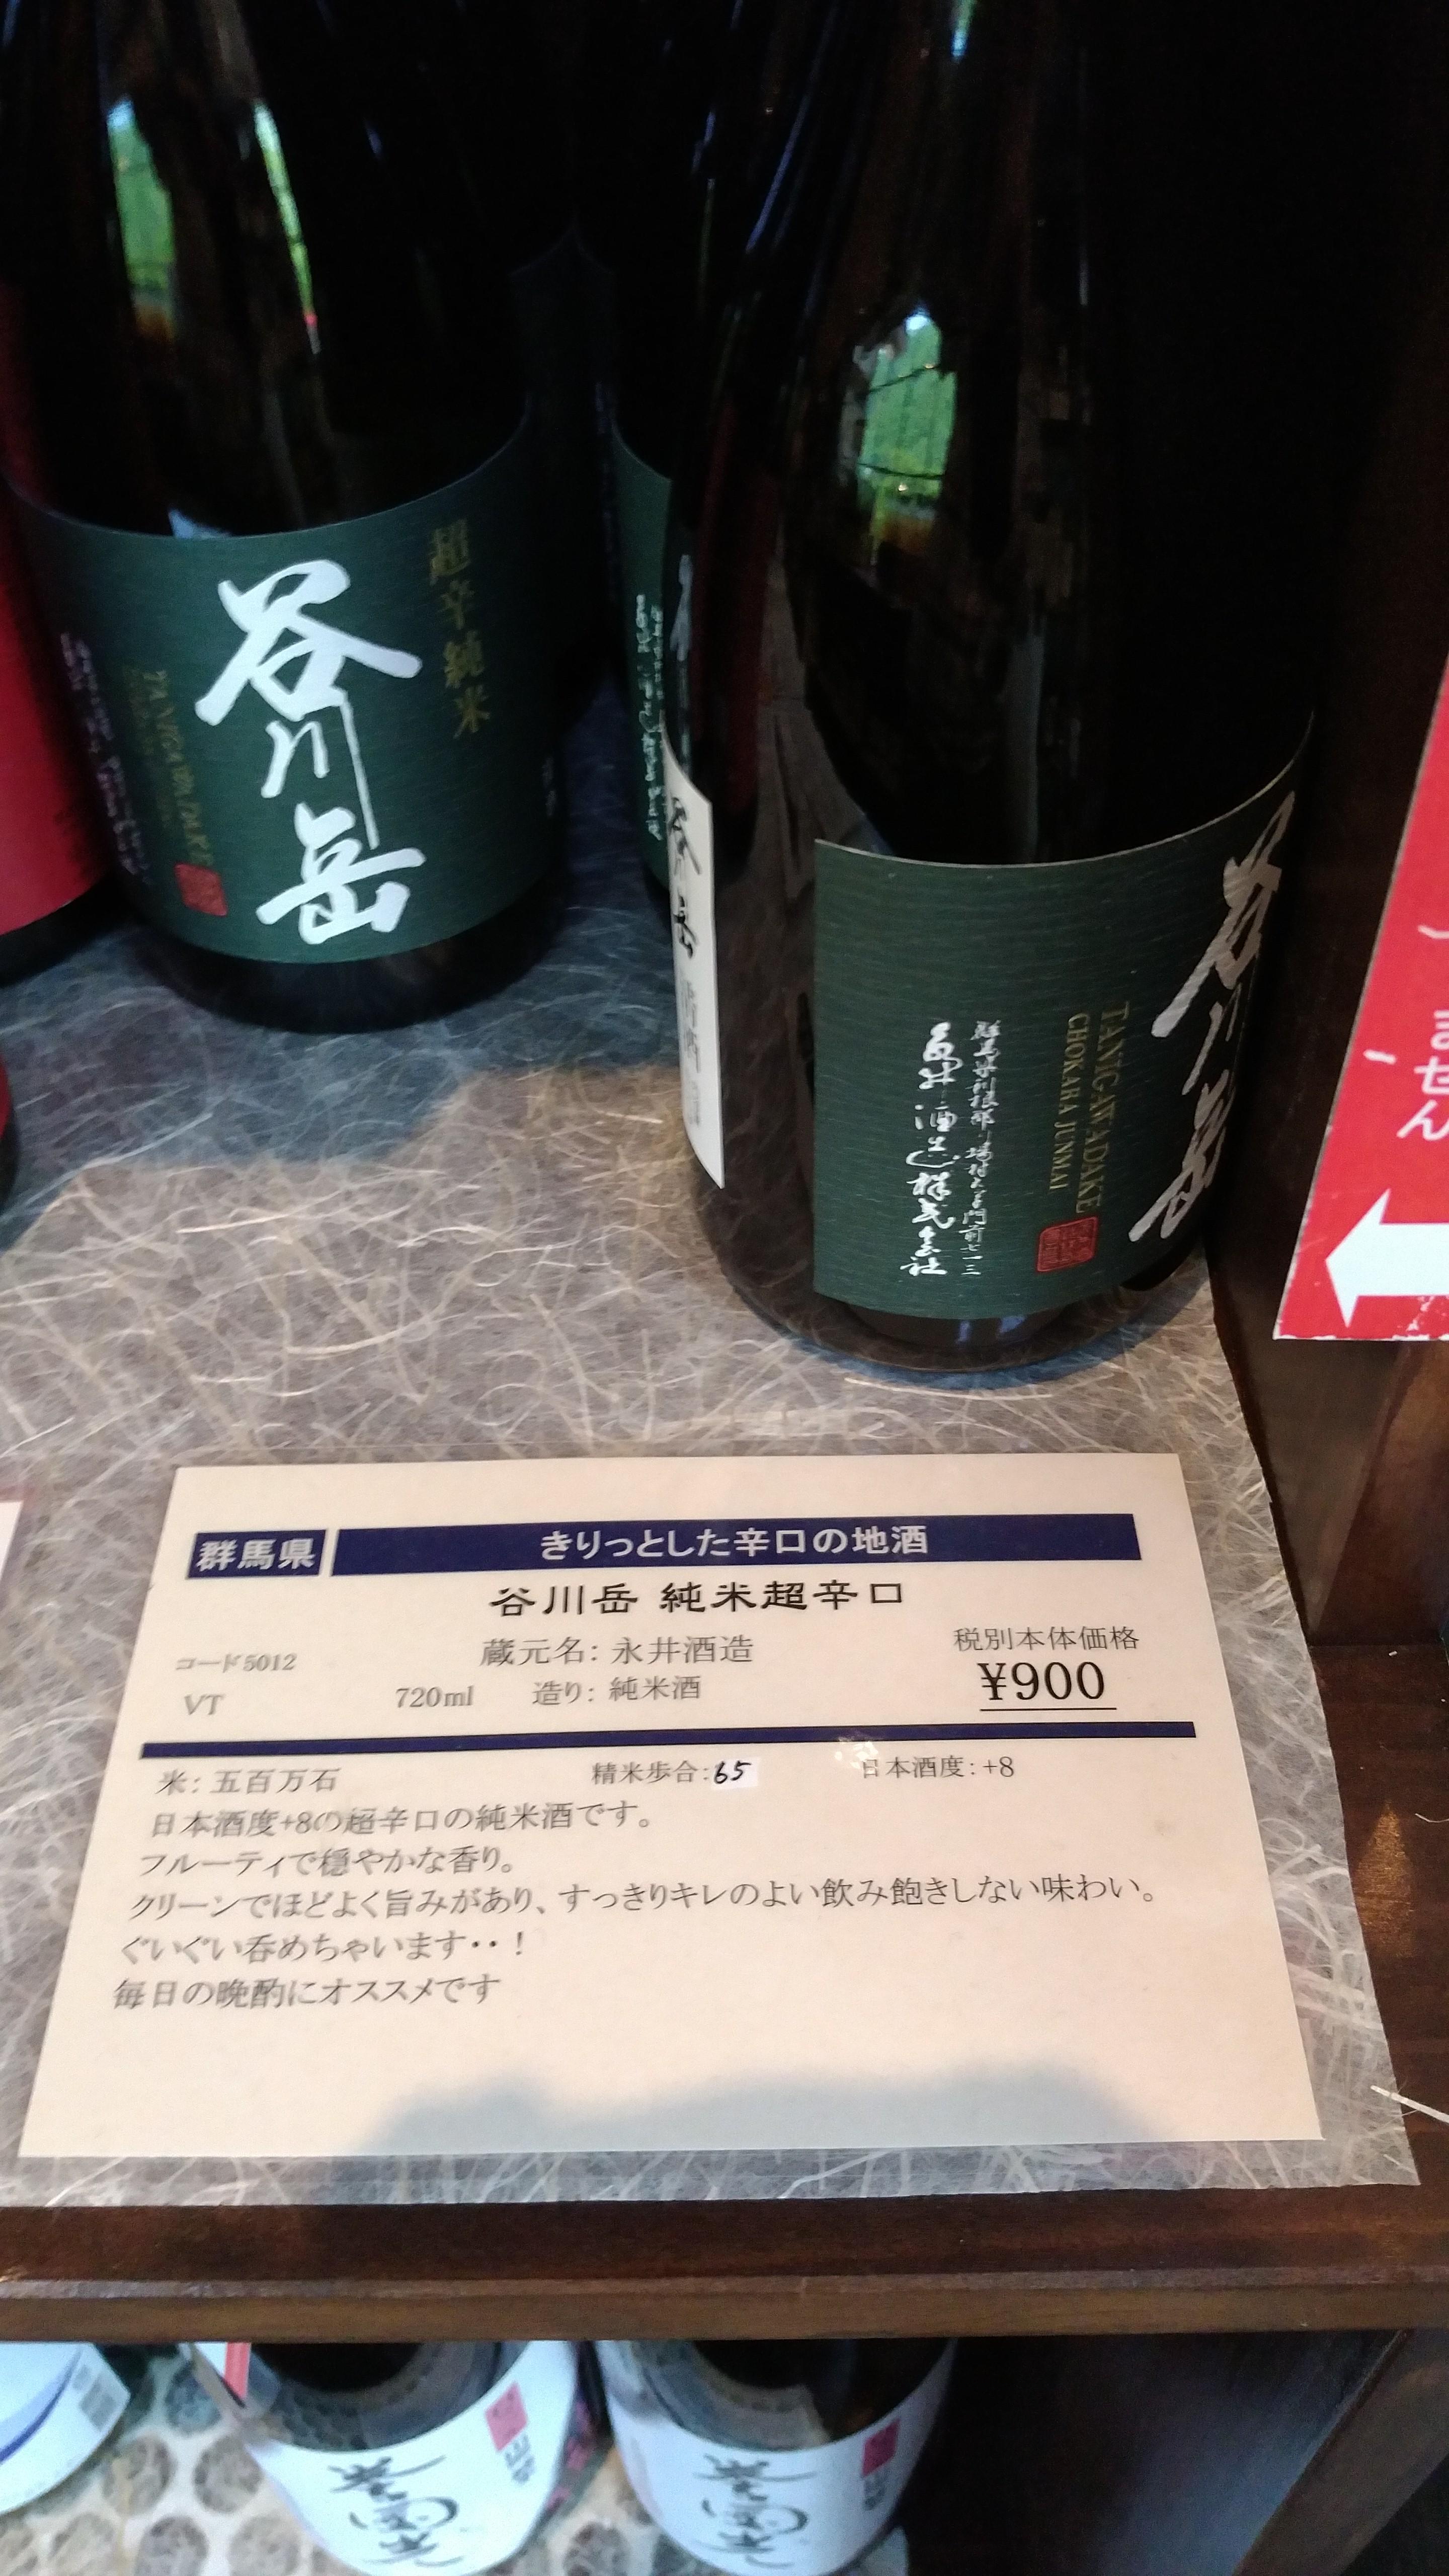 日本酒ブランド 谷川岳